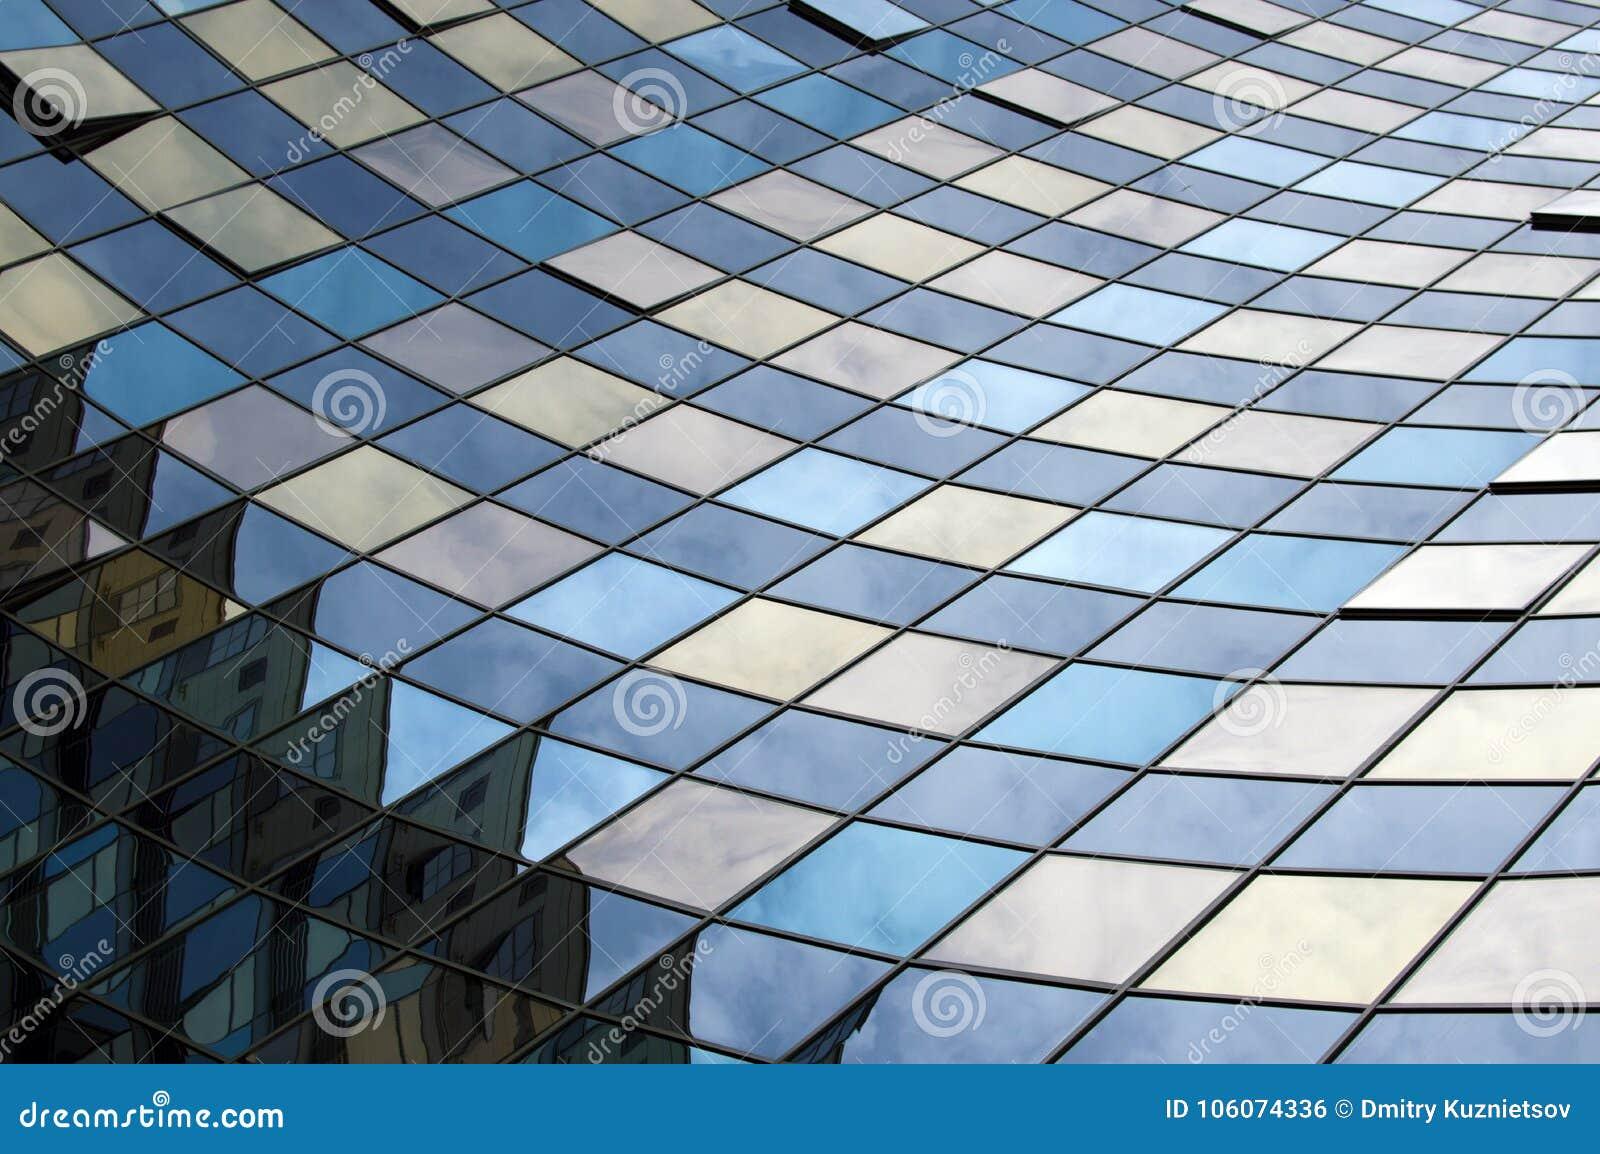 Vue de perspective de la façade en verre moderne de bâtiment avec des réflexions sur les fenêtres Modèle architectural